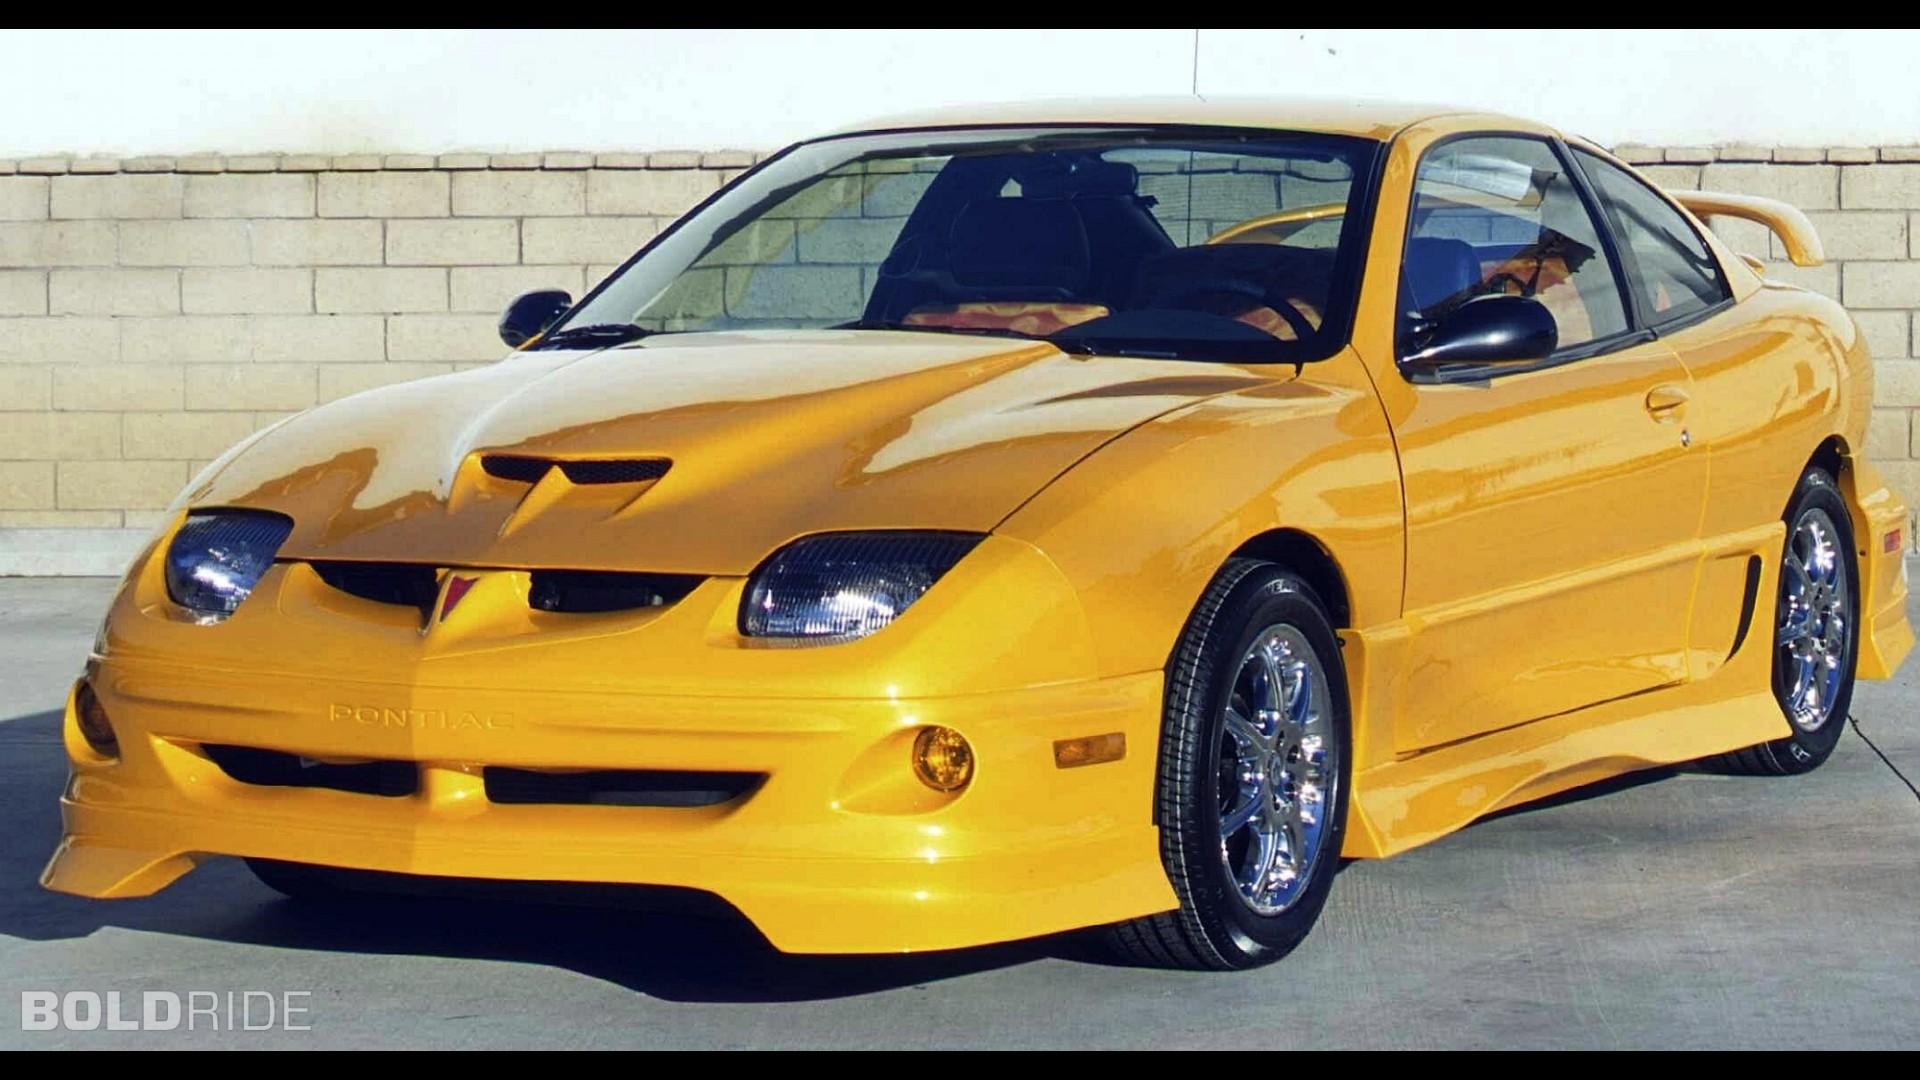 Pontiac Sunfire Accessorized